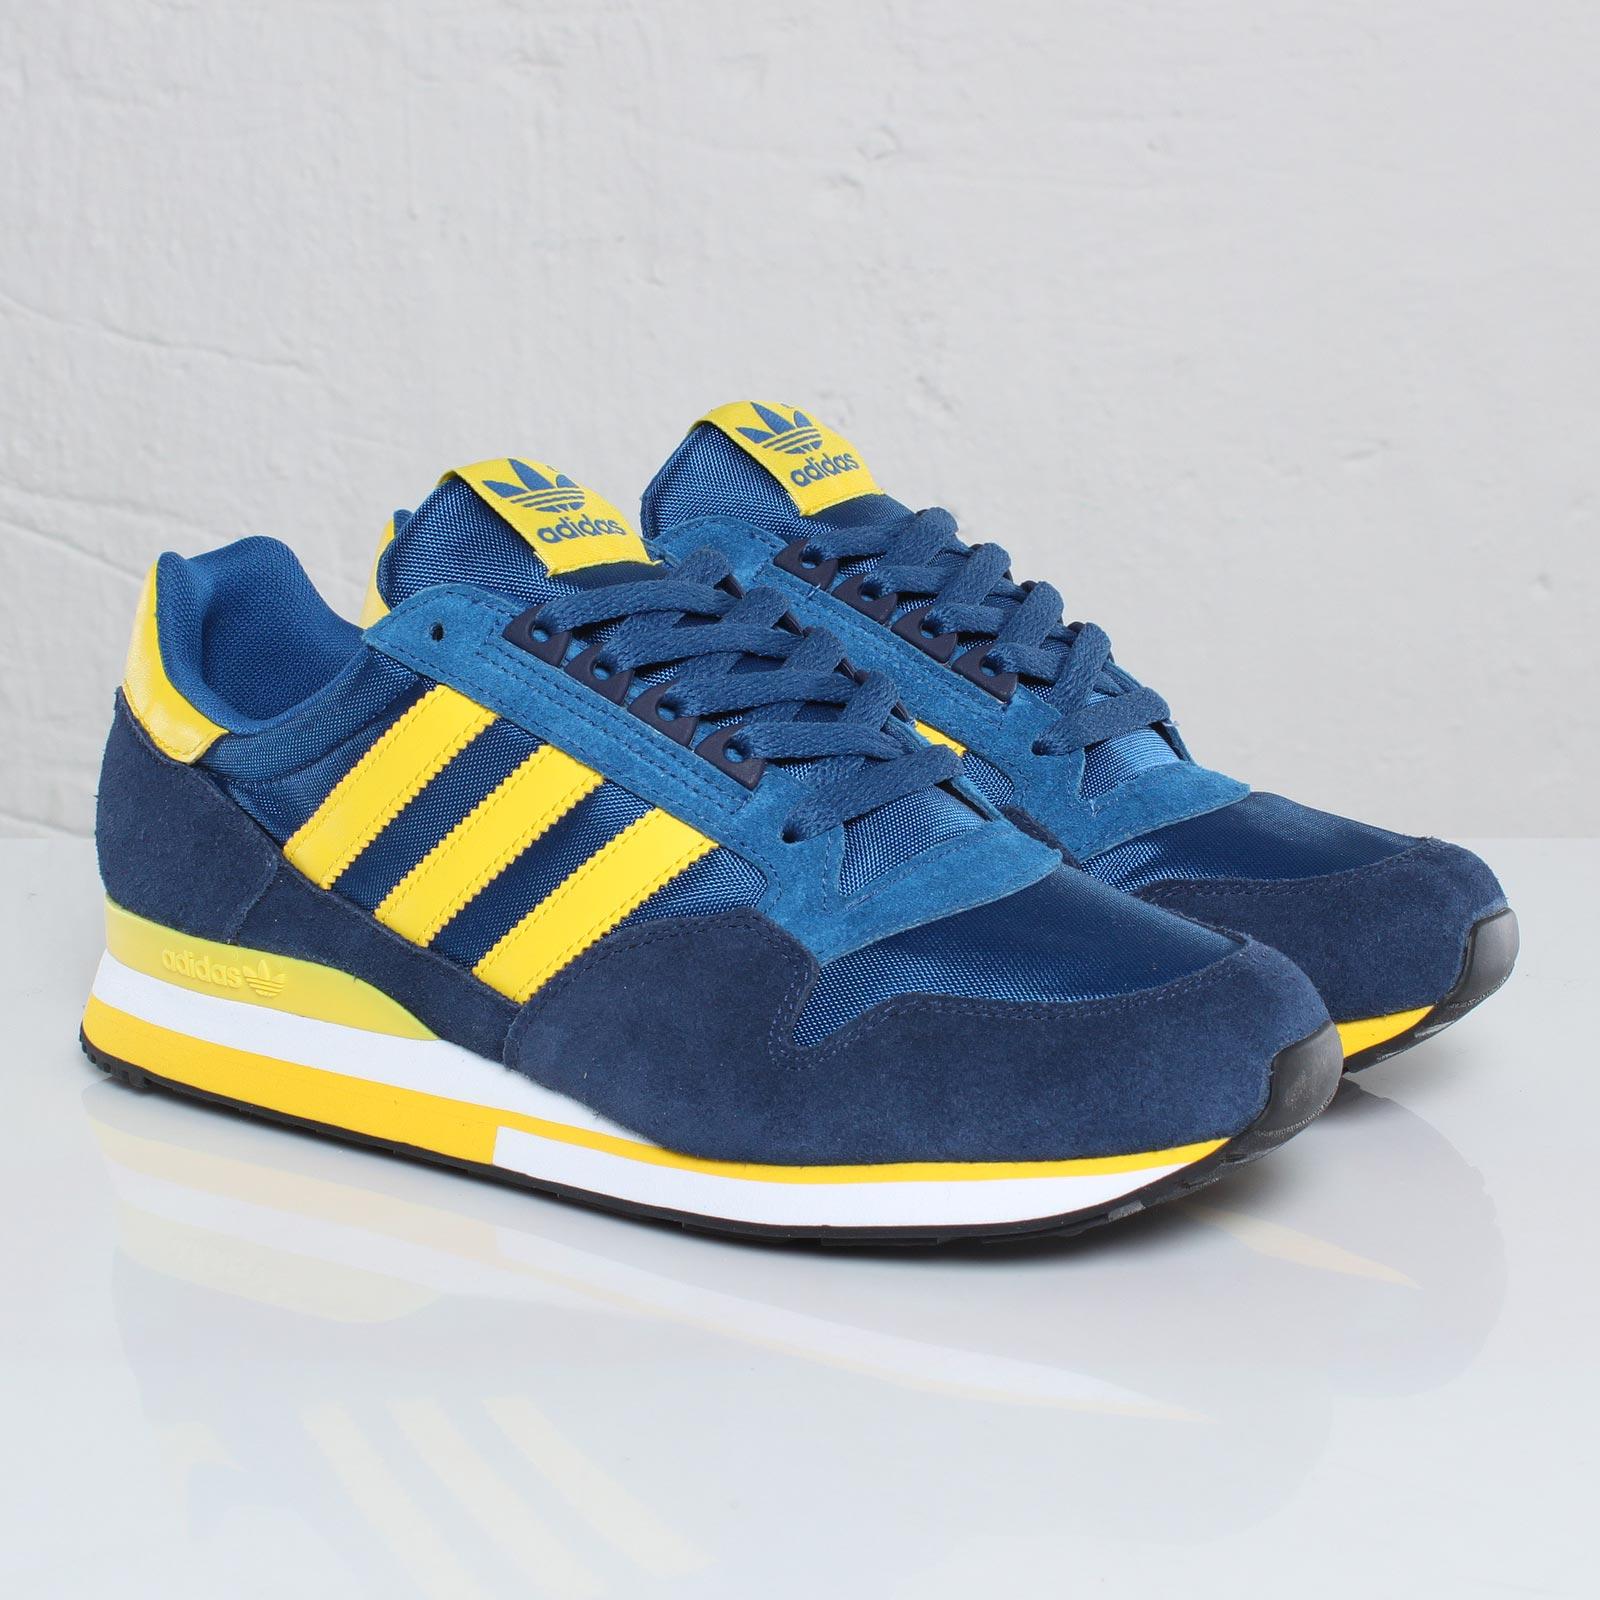 5f8d25b0e82df ... adidas ZX 500 - 109181 - Sneakersnstuff sneakers streetwear .. ...